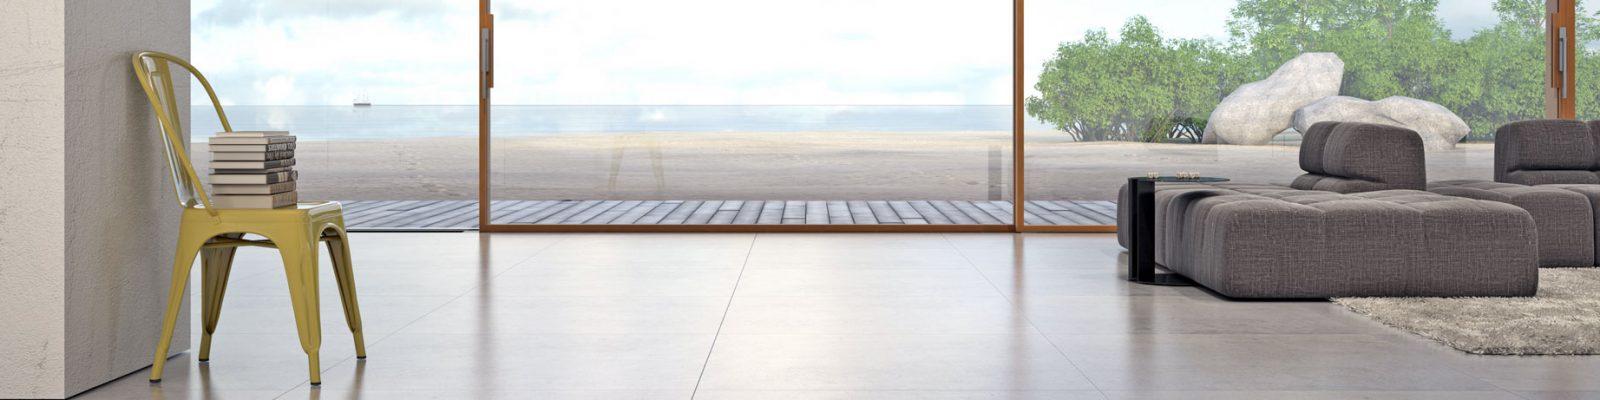 Skyline System su Casa Naturale, immagine di copertina